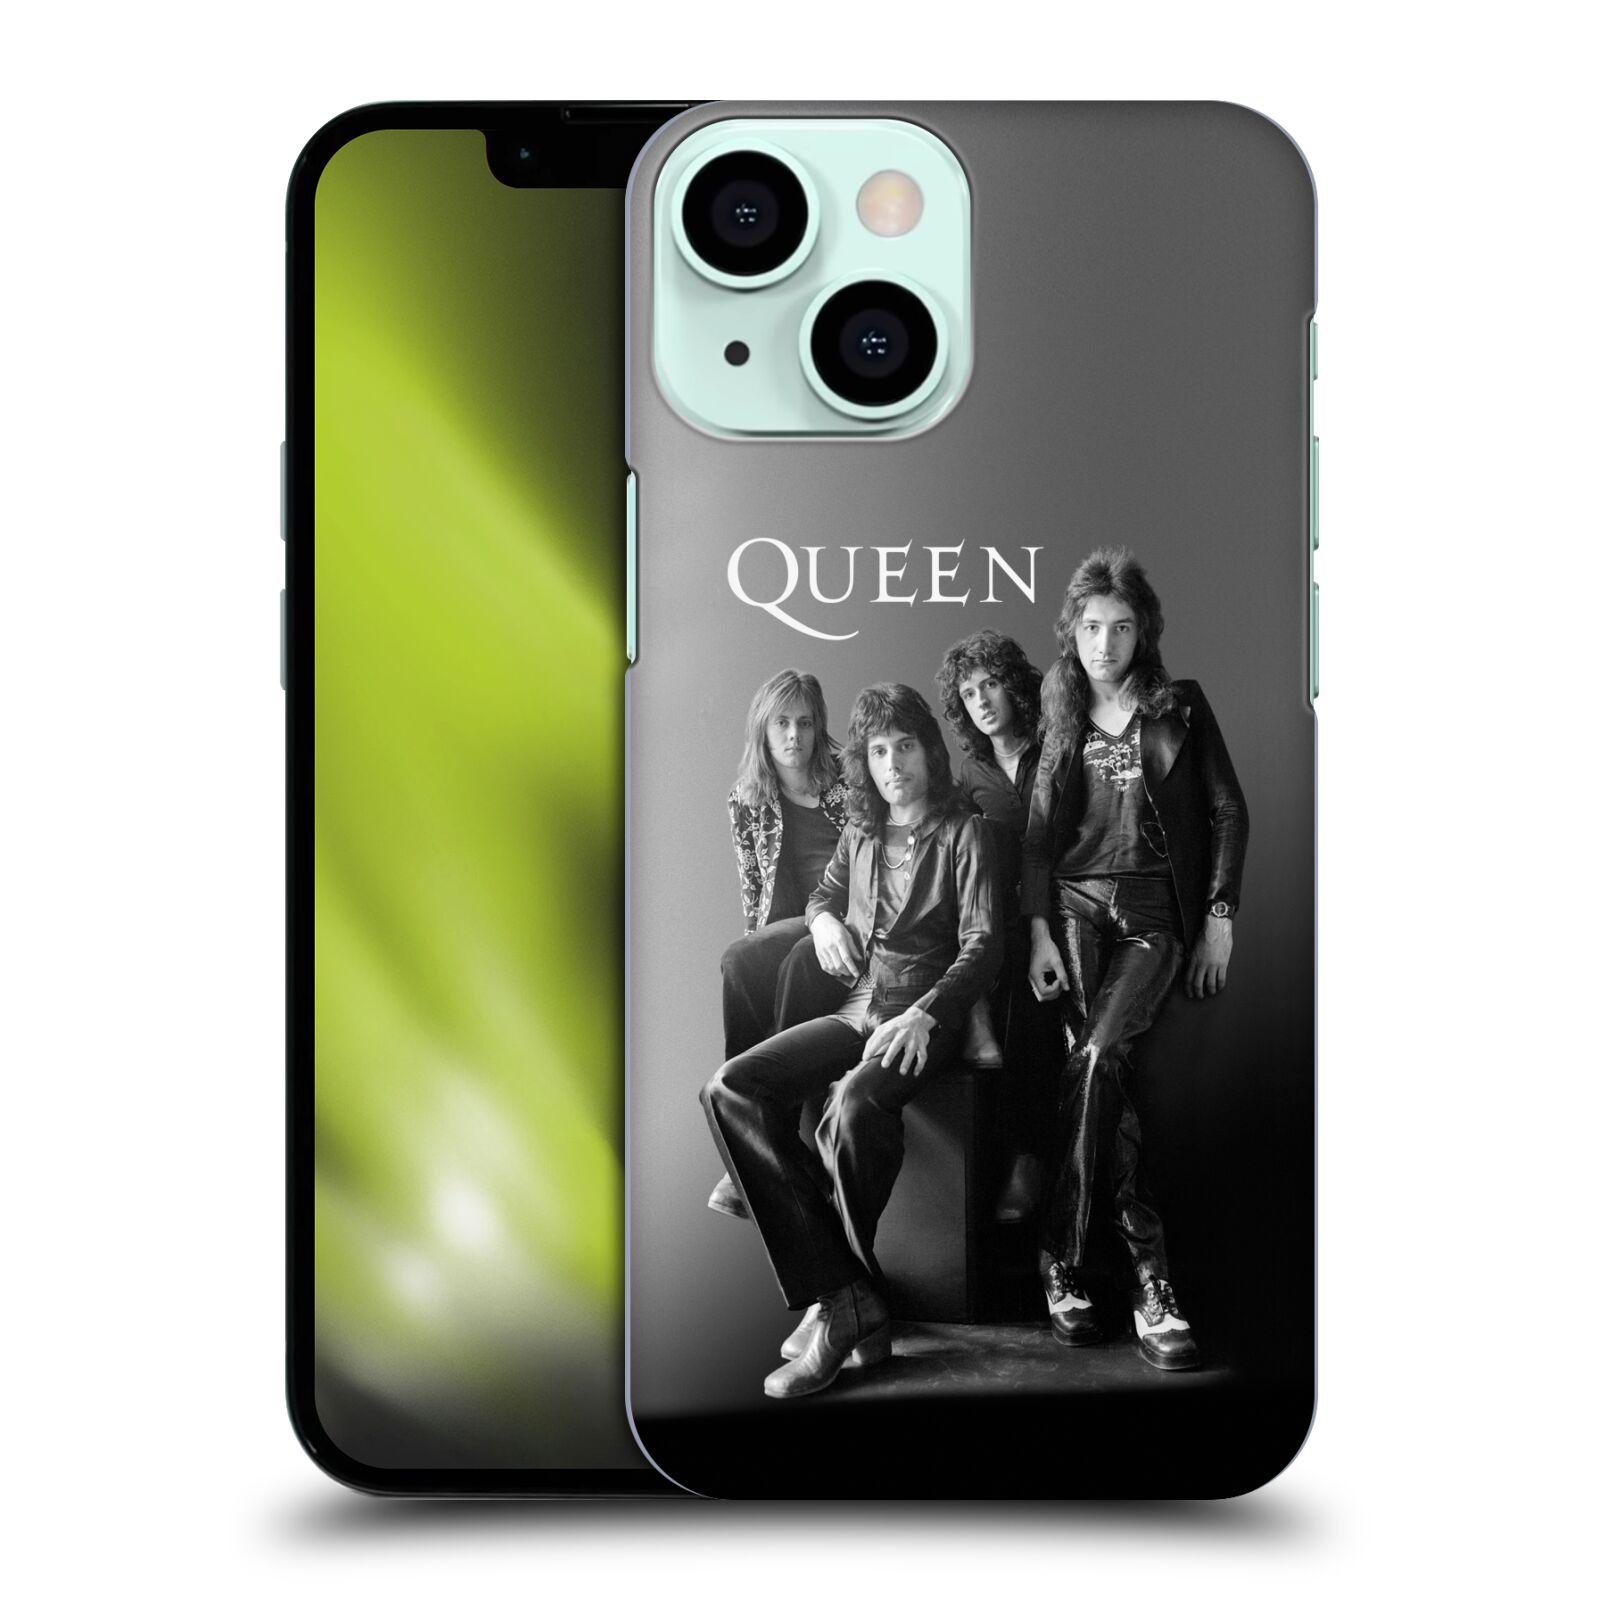 Plastové pouzdro na mobil Apple iPhone 13 Mini - Head Case - Queen - Skupina